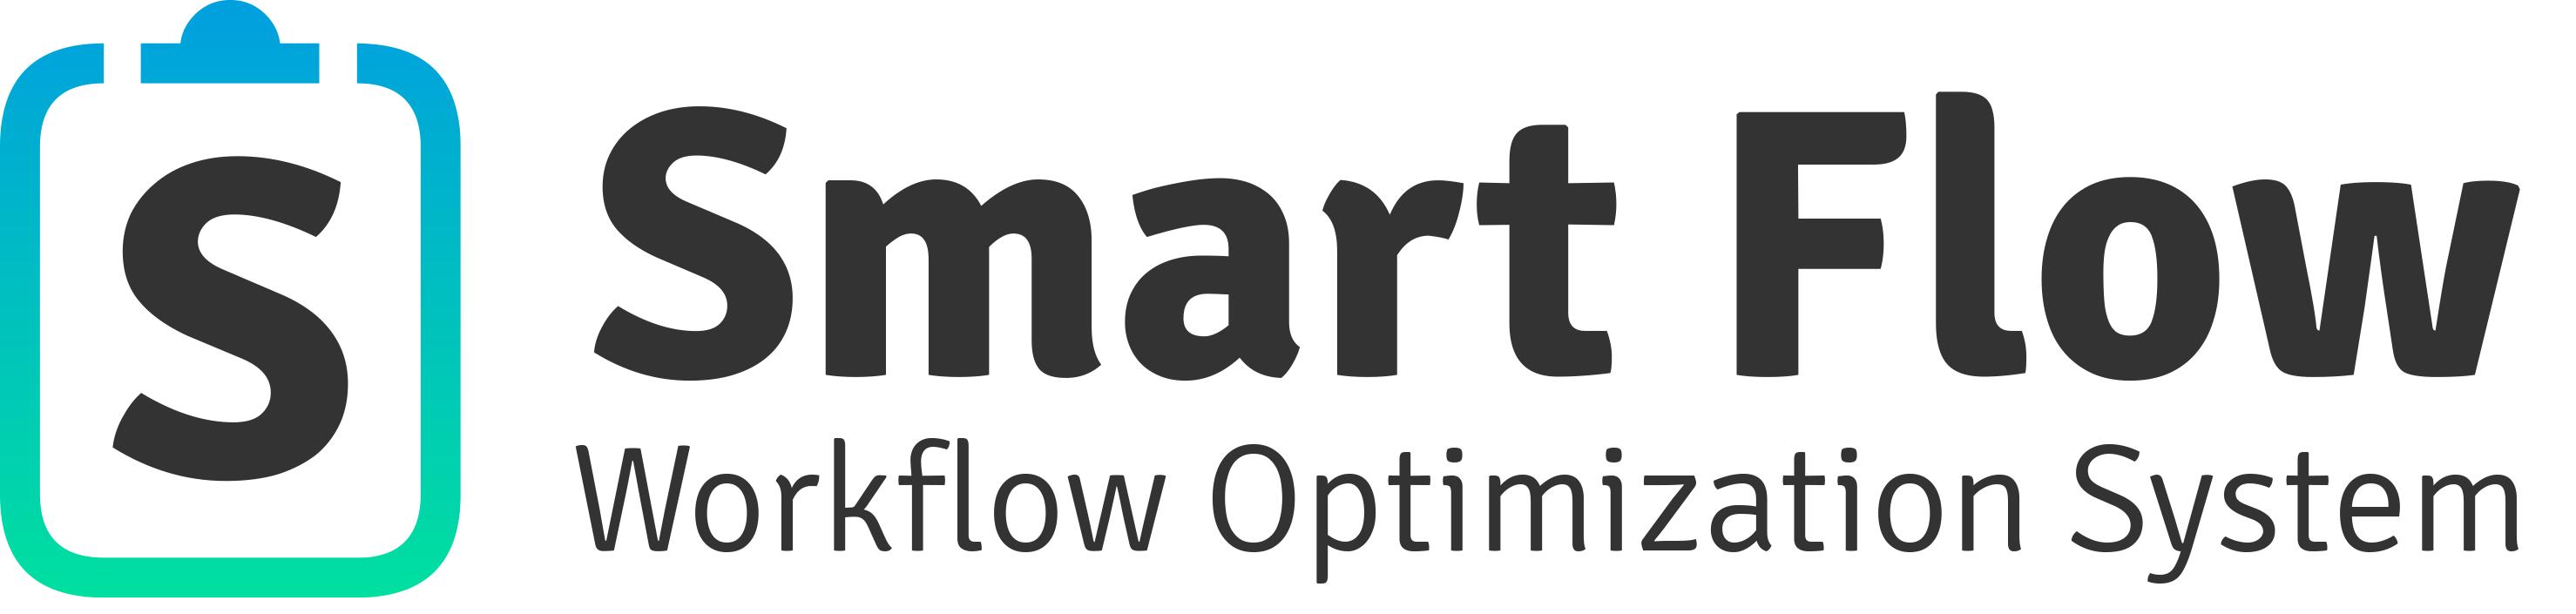 Smart Flow - Vet Work Made Easy